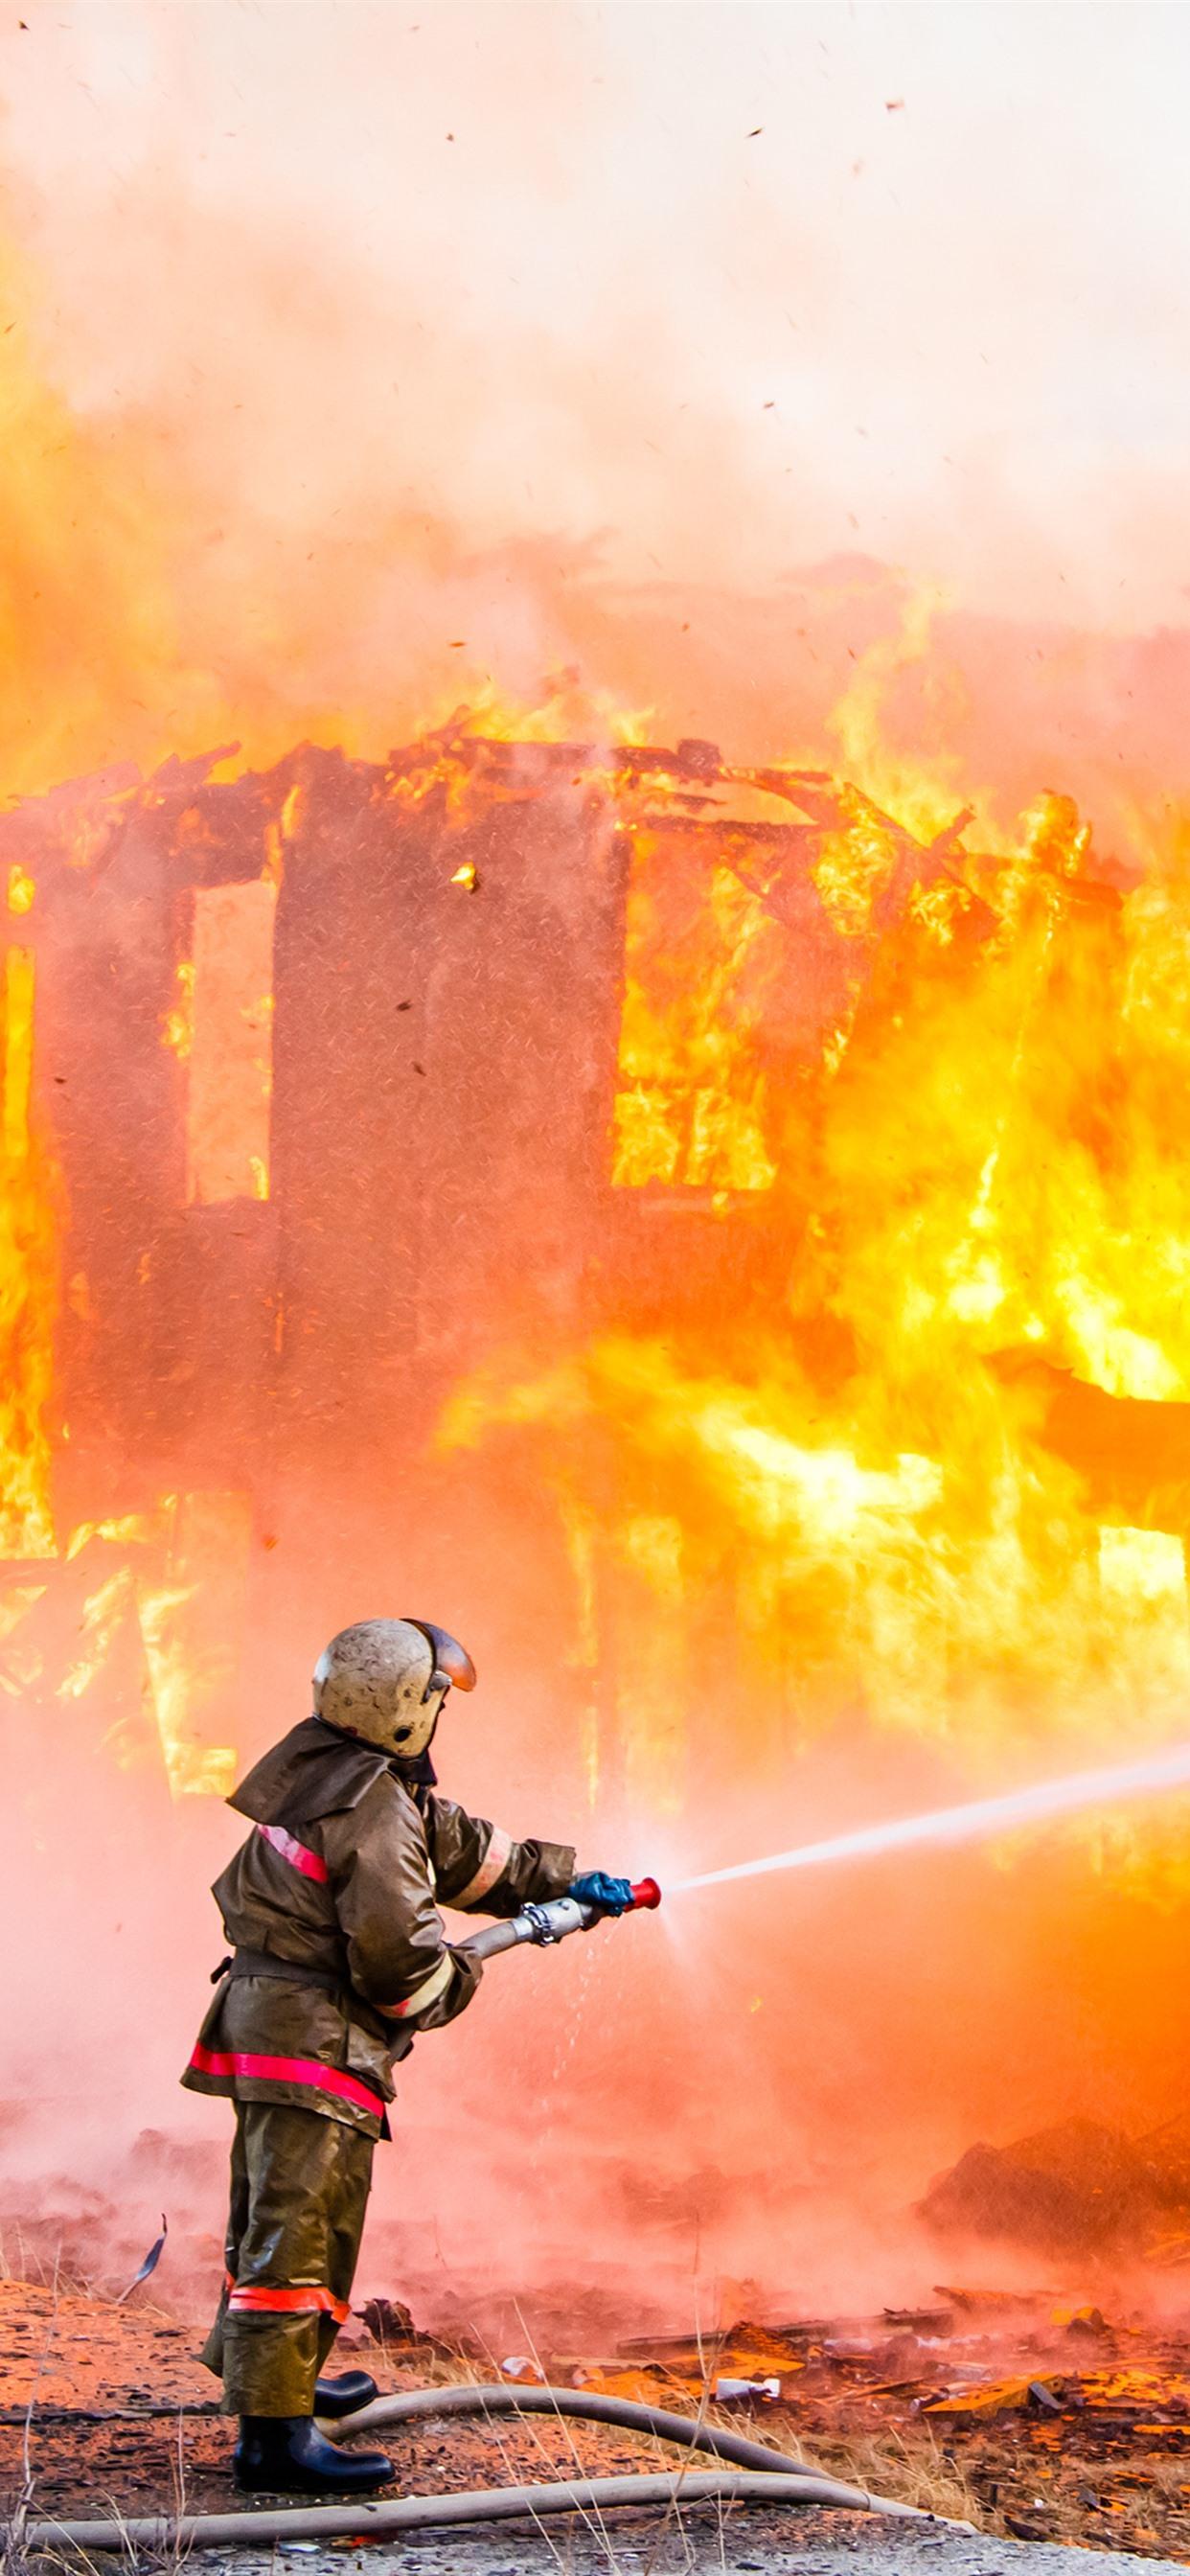 Firefighter Fire 1242x2688 Iphone Xs Max Wallpaper